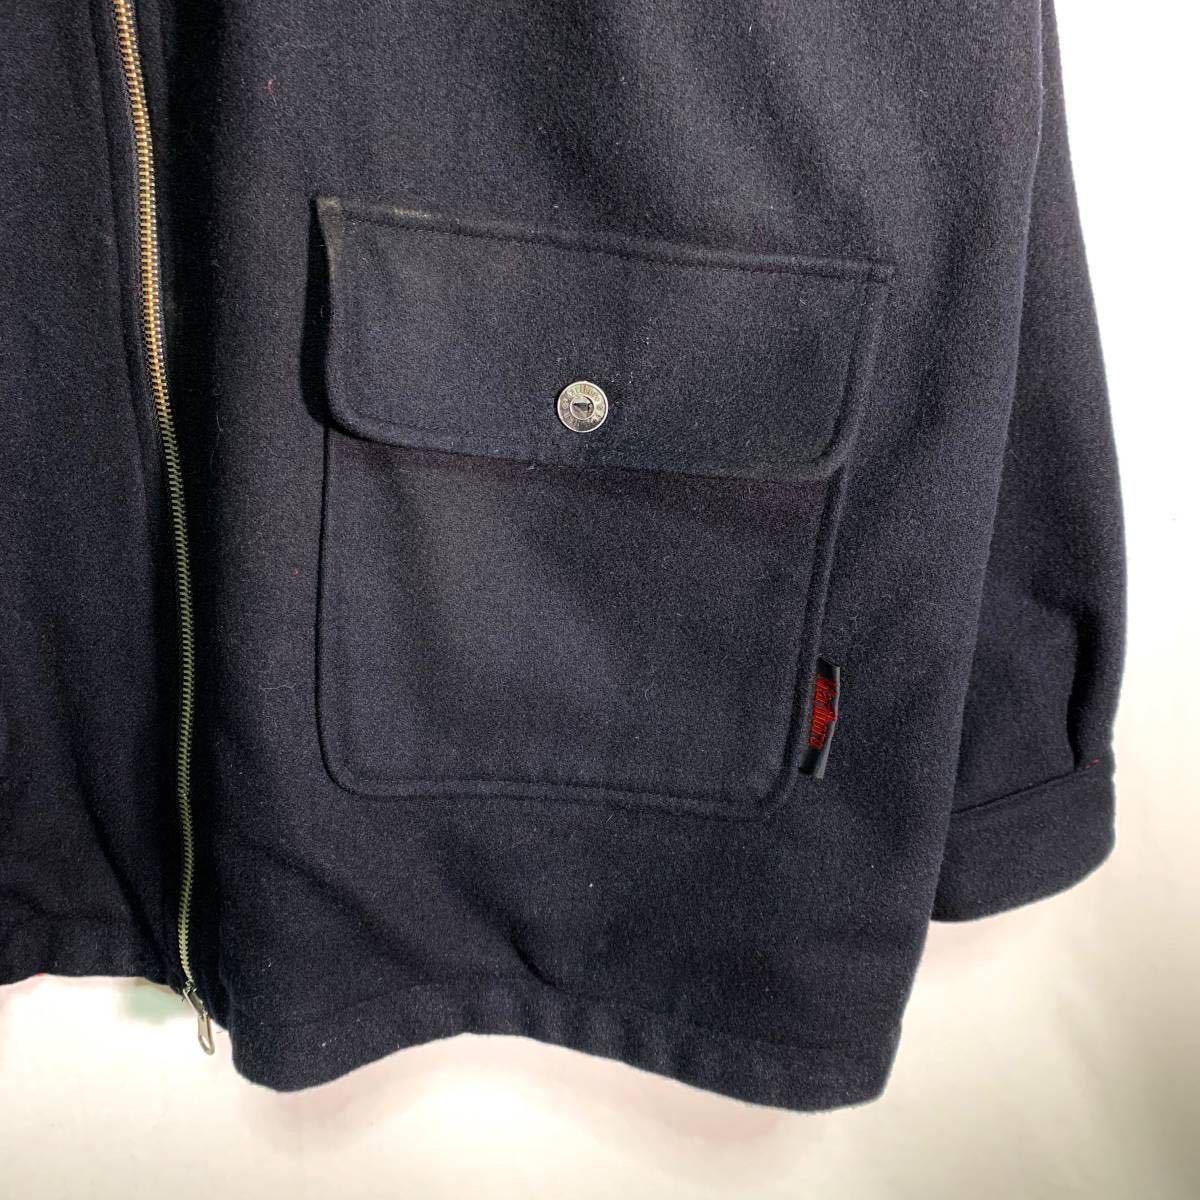 【送料込】90s Marlboro リバーシブル ウール ジャケット XL 黒×赤 ビッグシルエット ジップ マルボロ 80s ビンテージ 古着 オールド_画像3